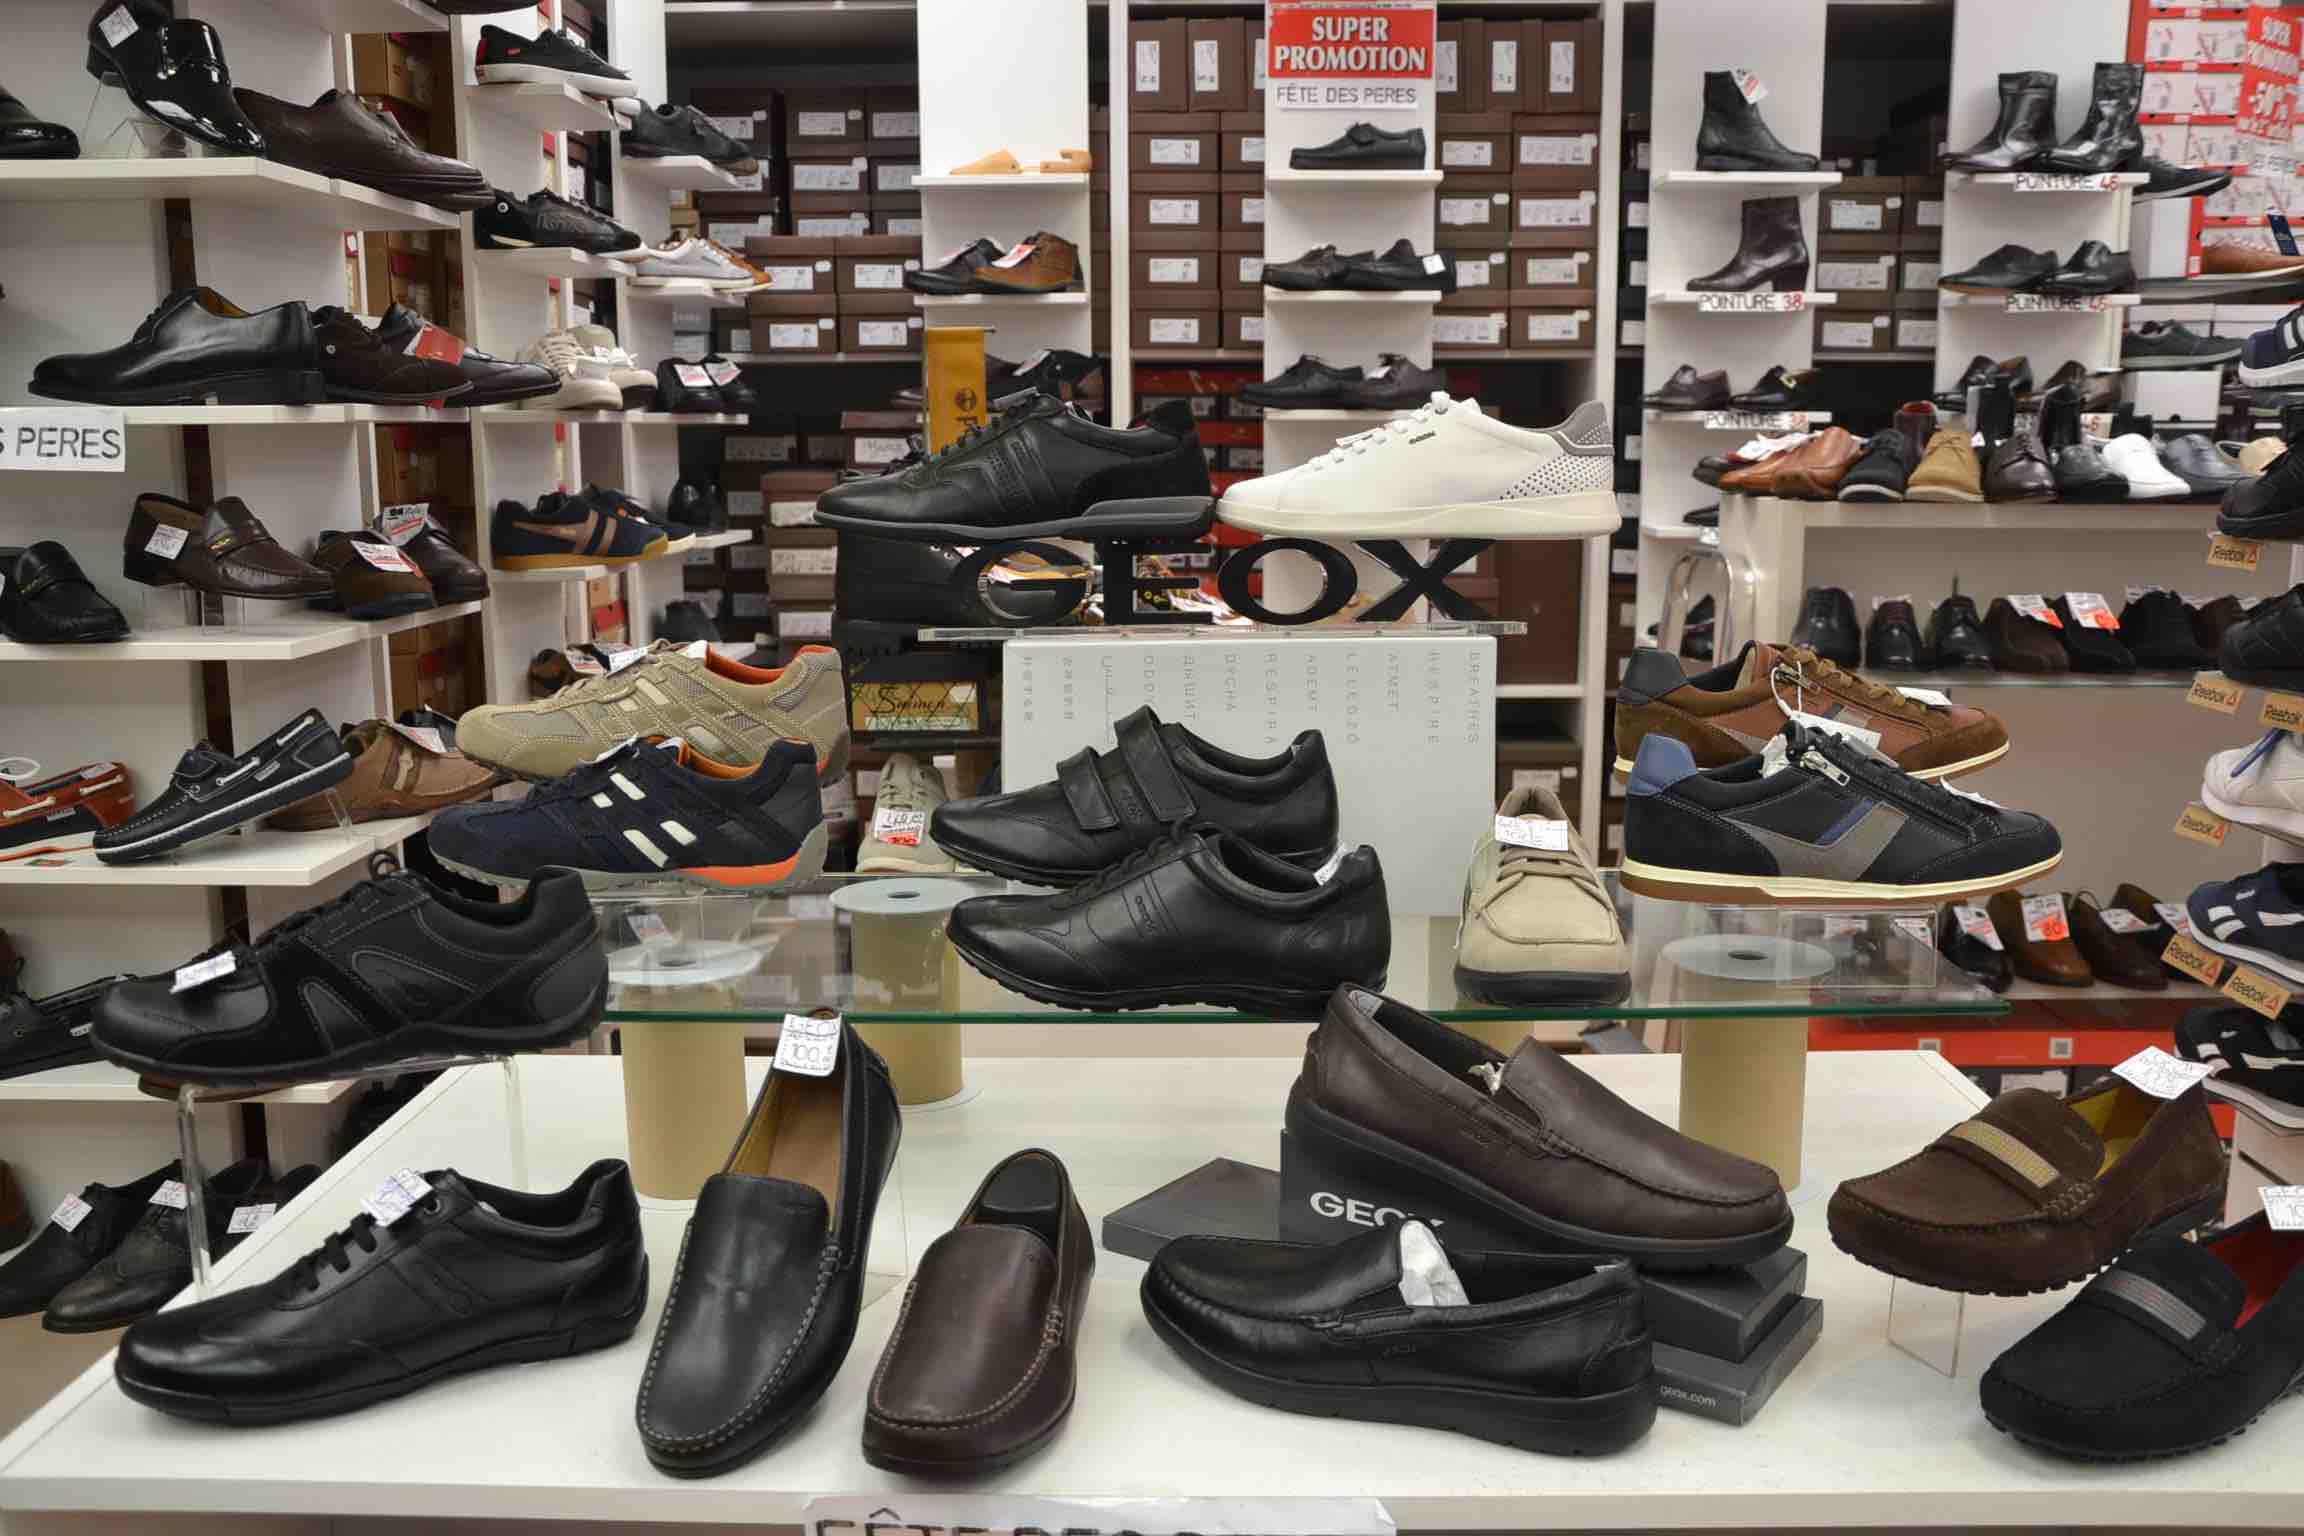 michel chaussure revendeur geox